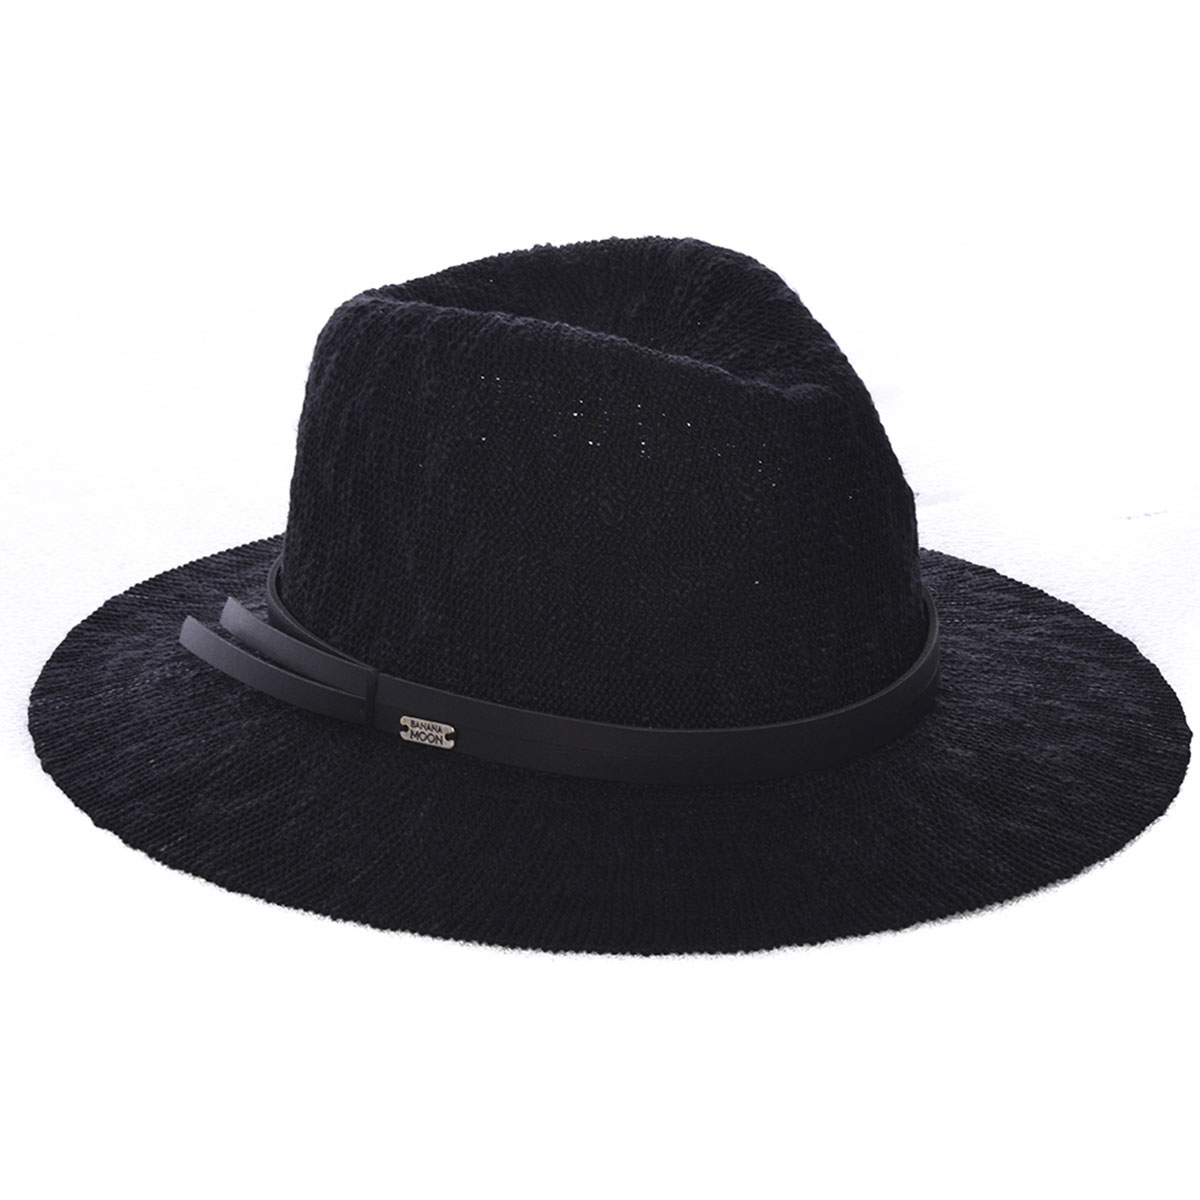 Chapeau de plage noir Hatsy